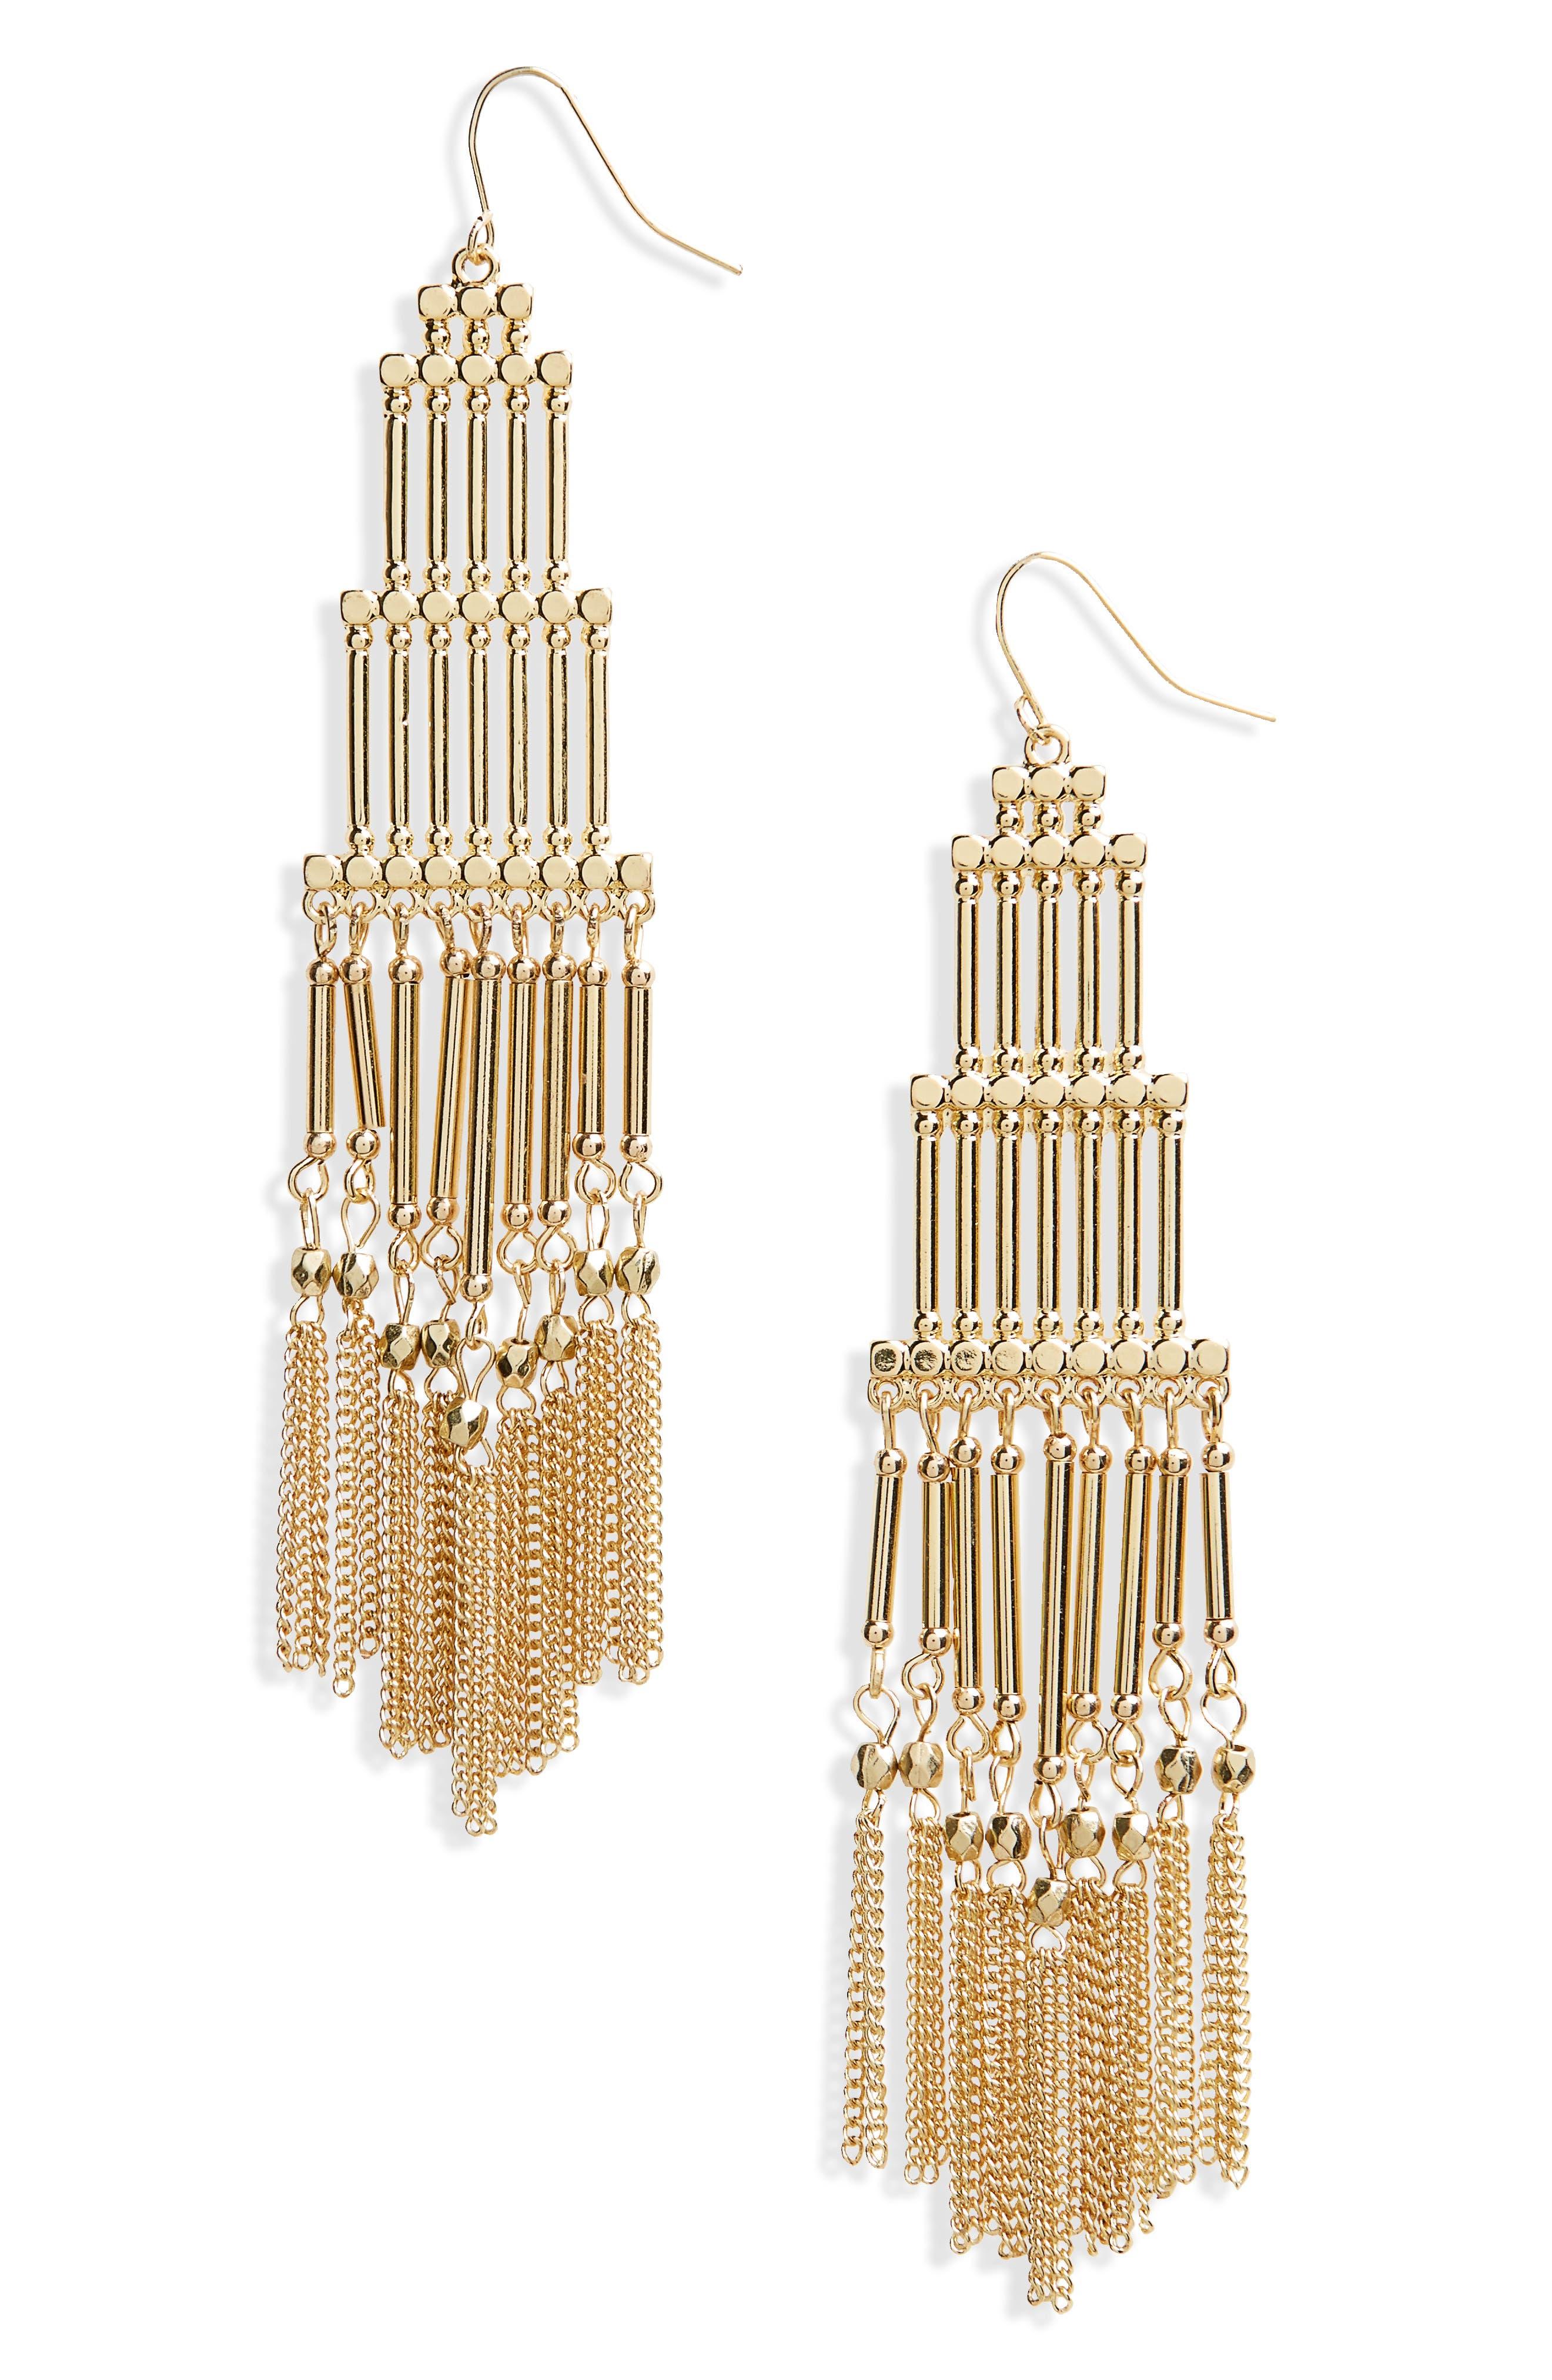 Boho Beaded Fringe Earrings,                             Main thumbnail 1, color,                             710